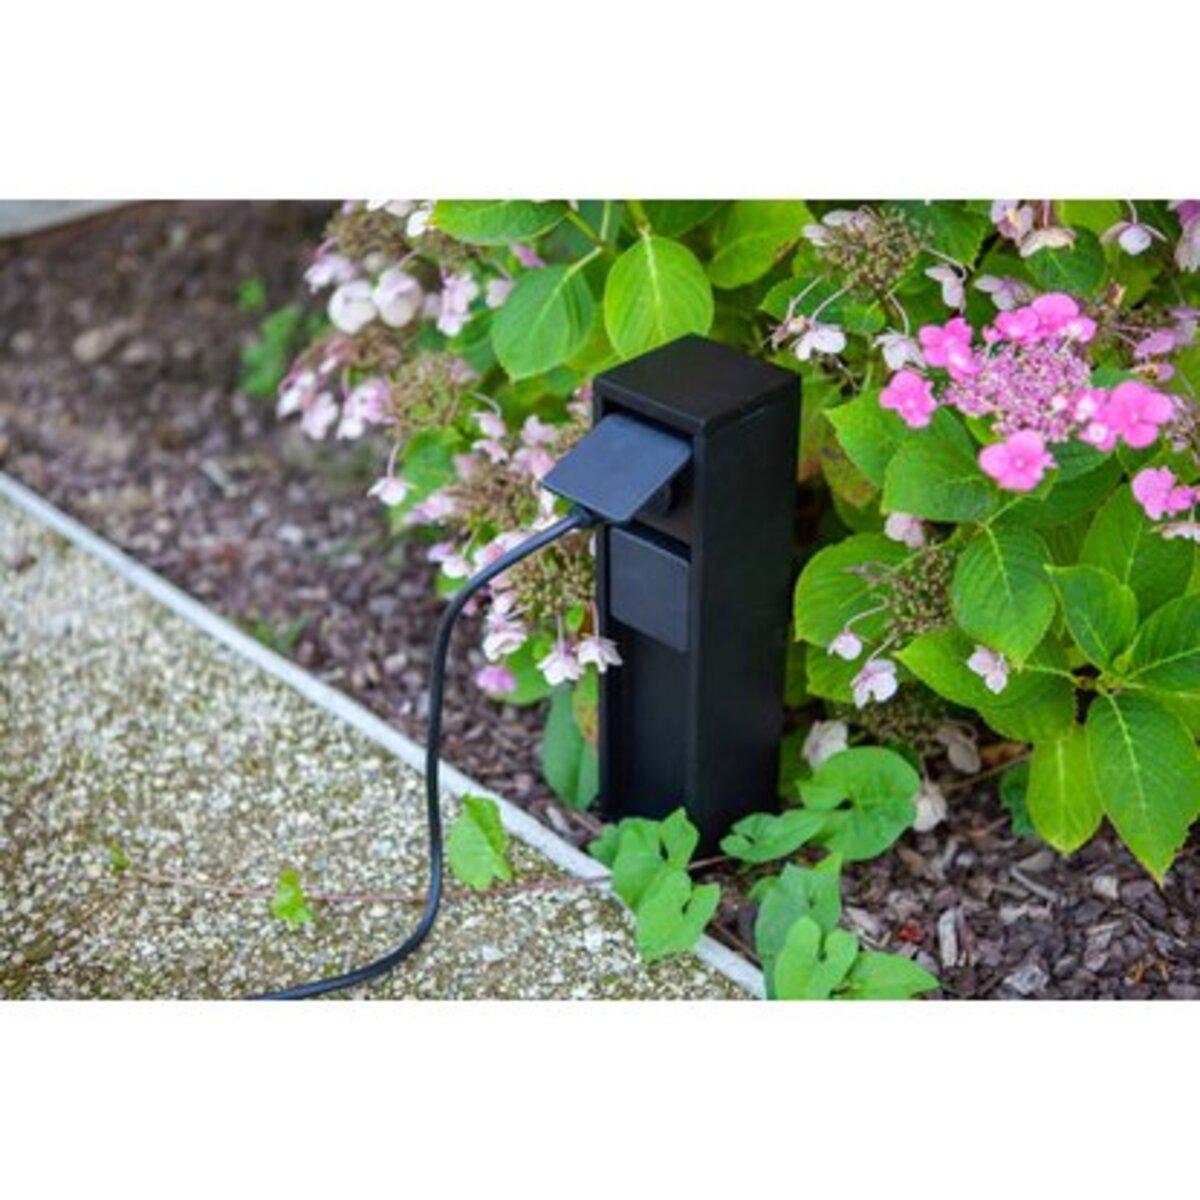 Bild 5 von Lutec Stromverteiler Mains Schwarz